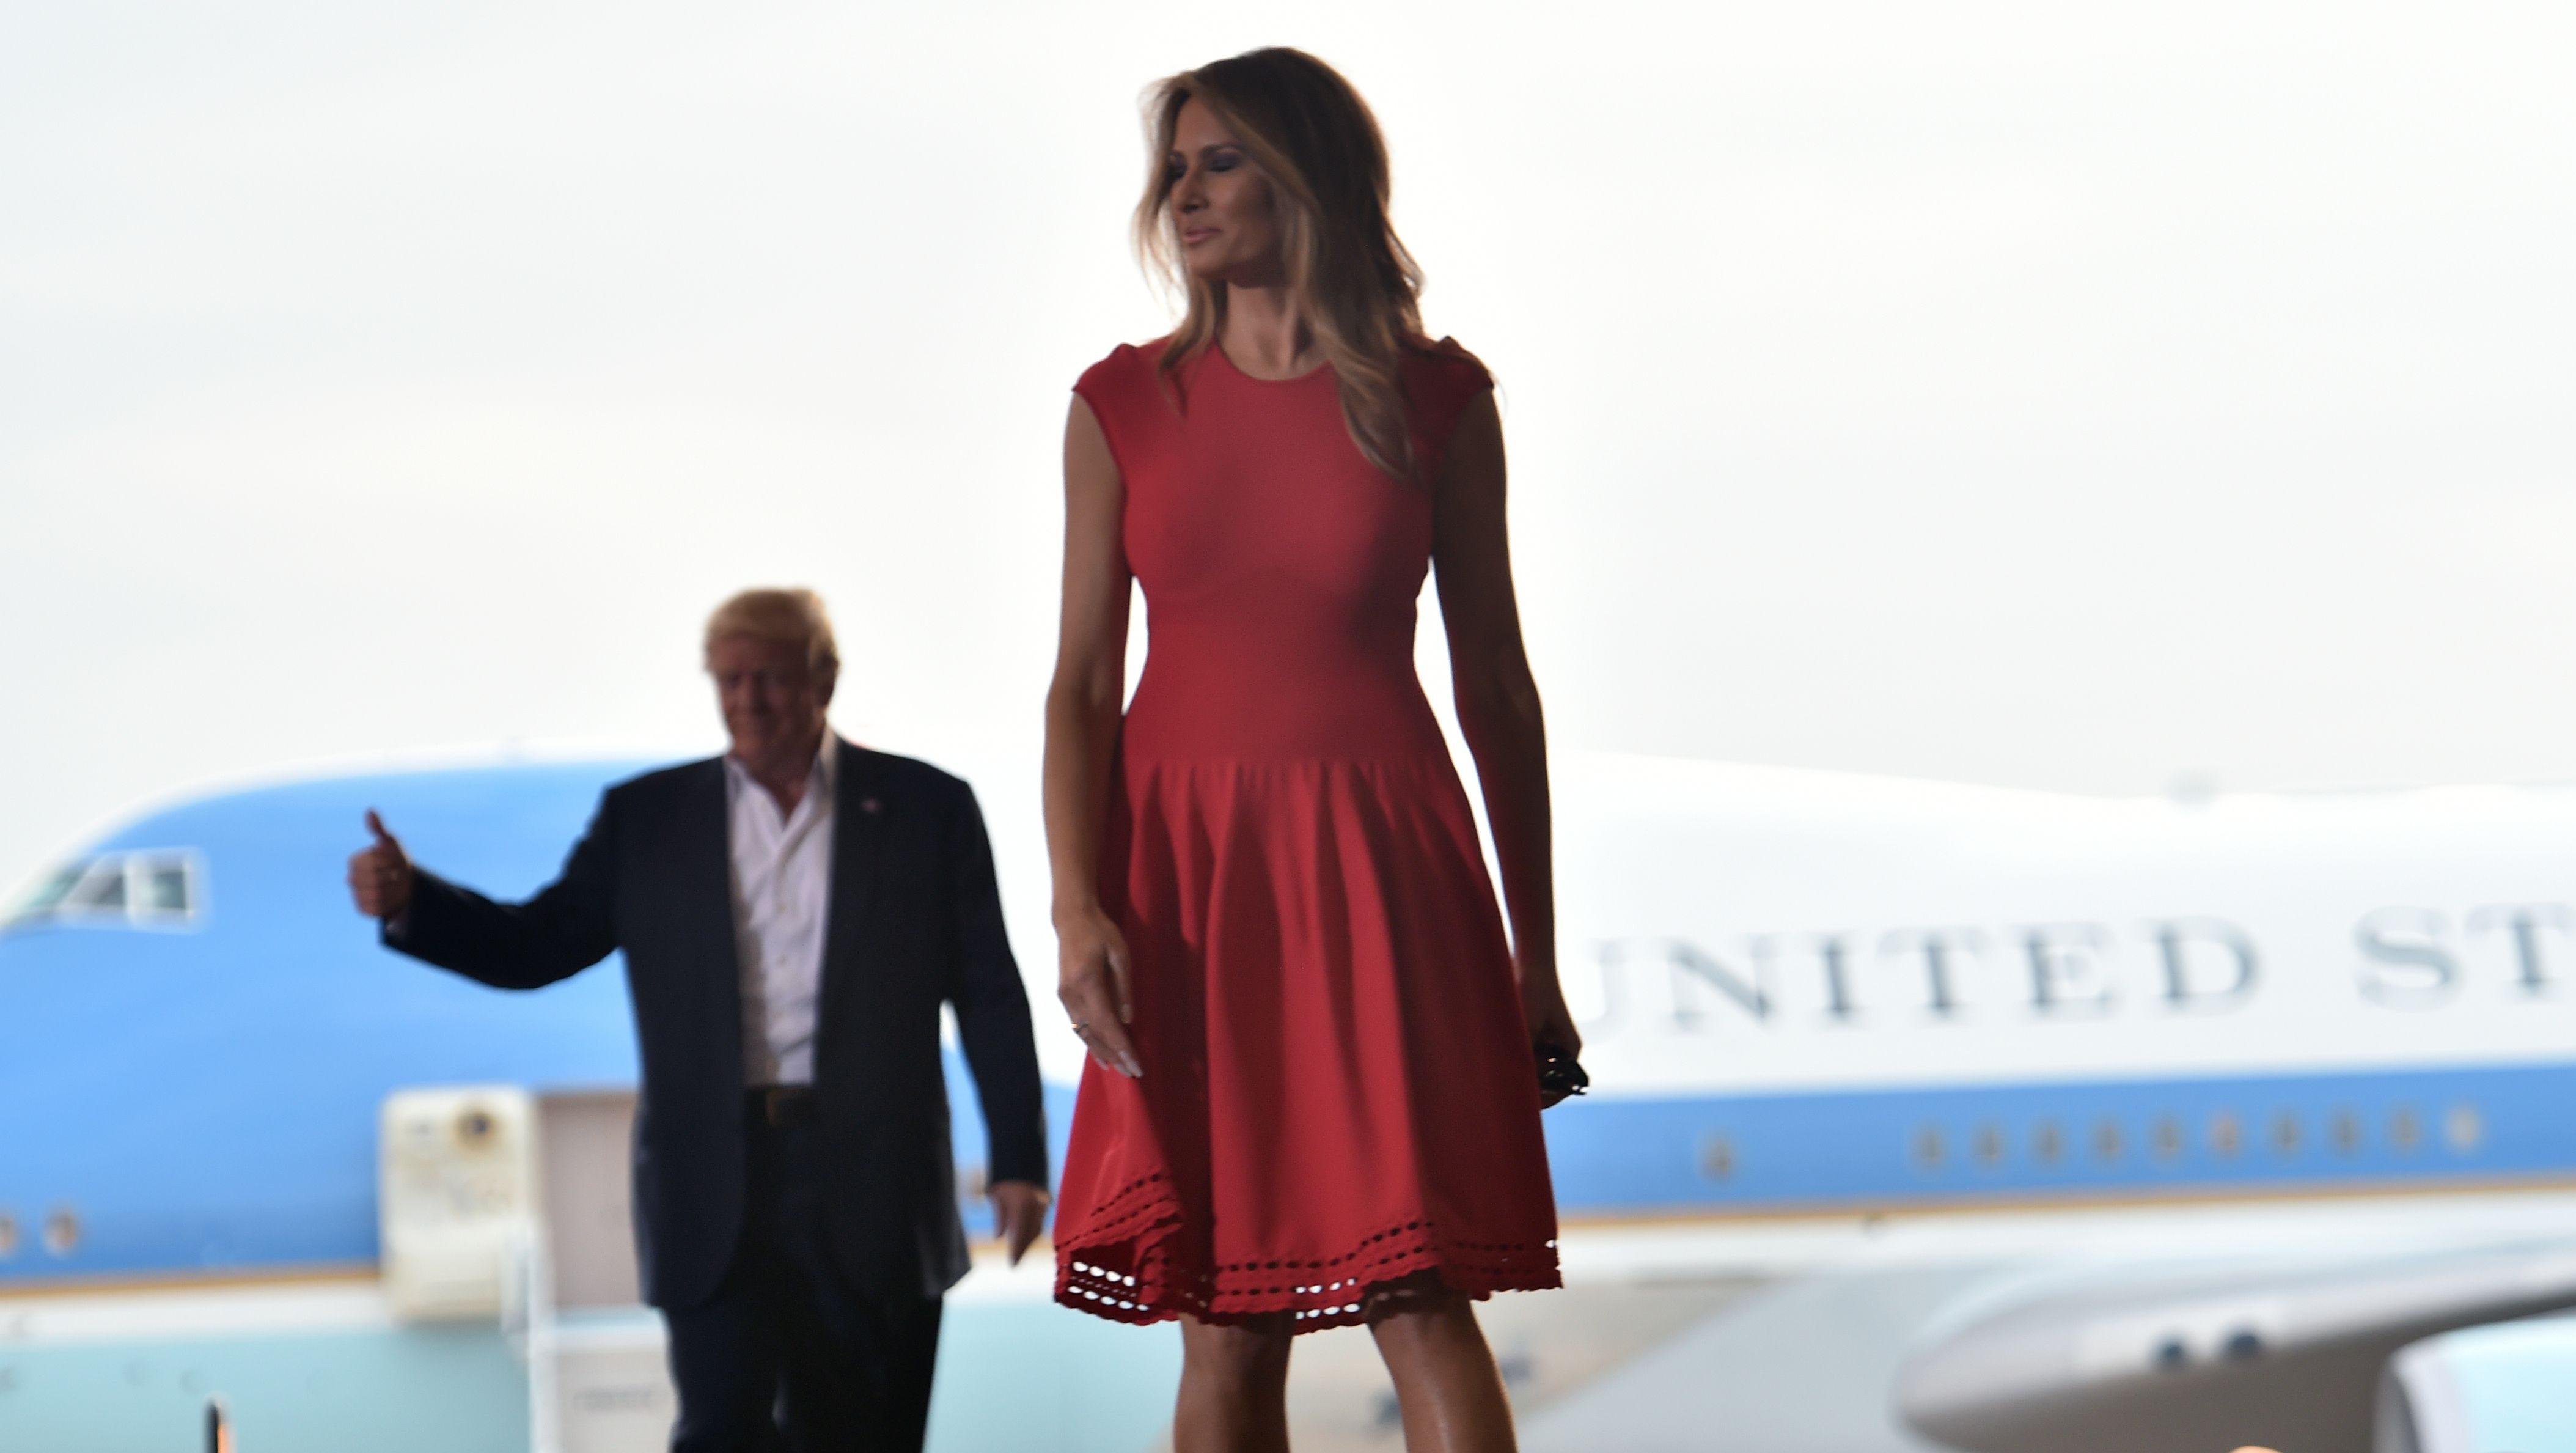 melania trump red dress, melania trump melbourne, melania trump style, melania trump fashion